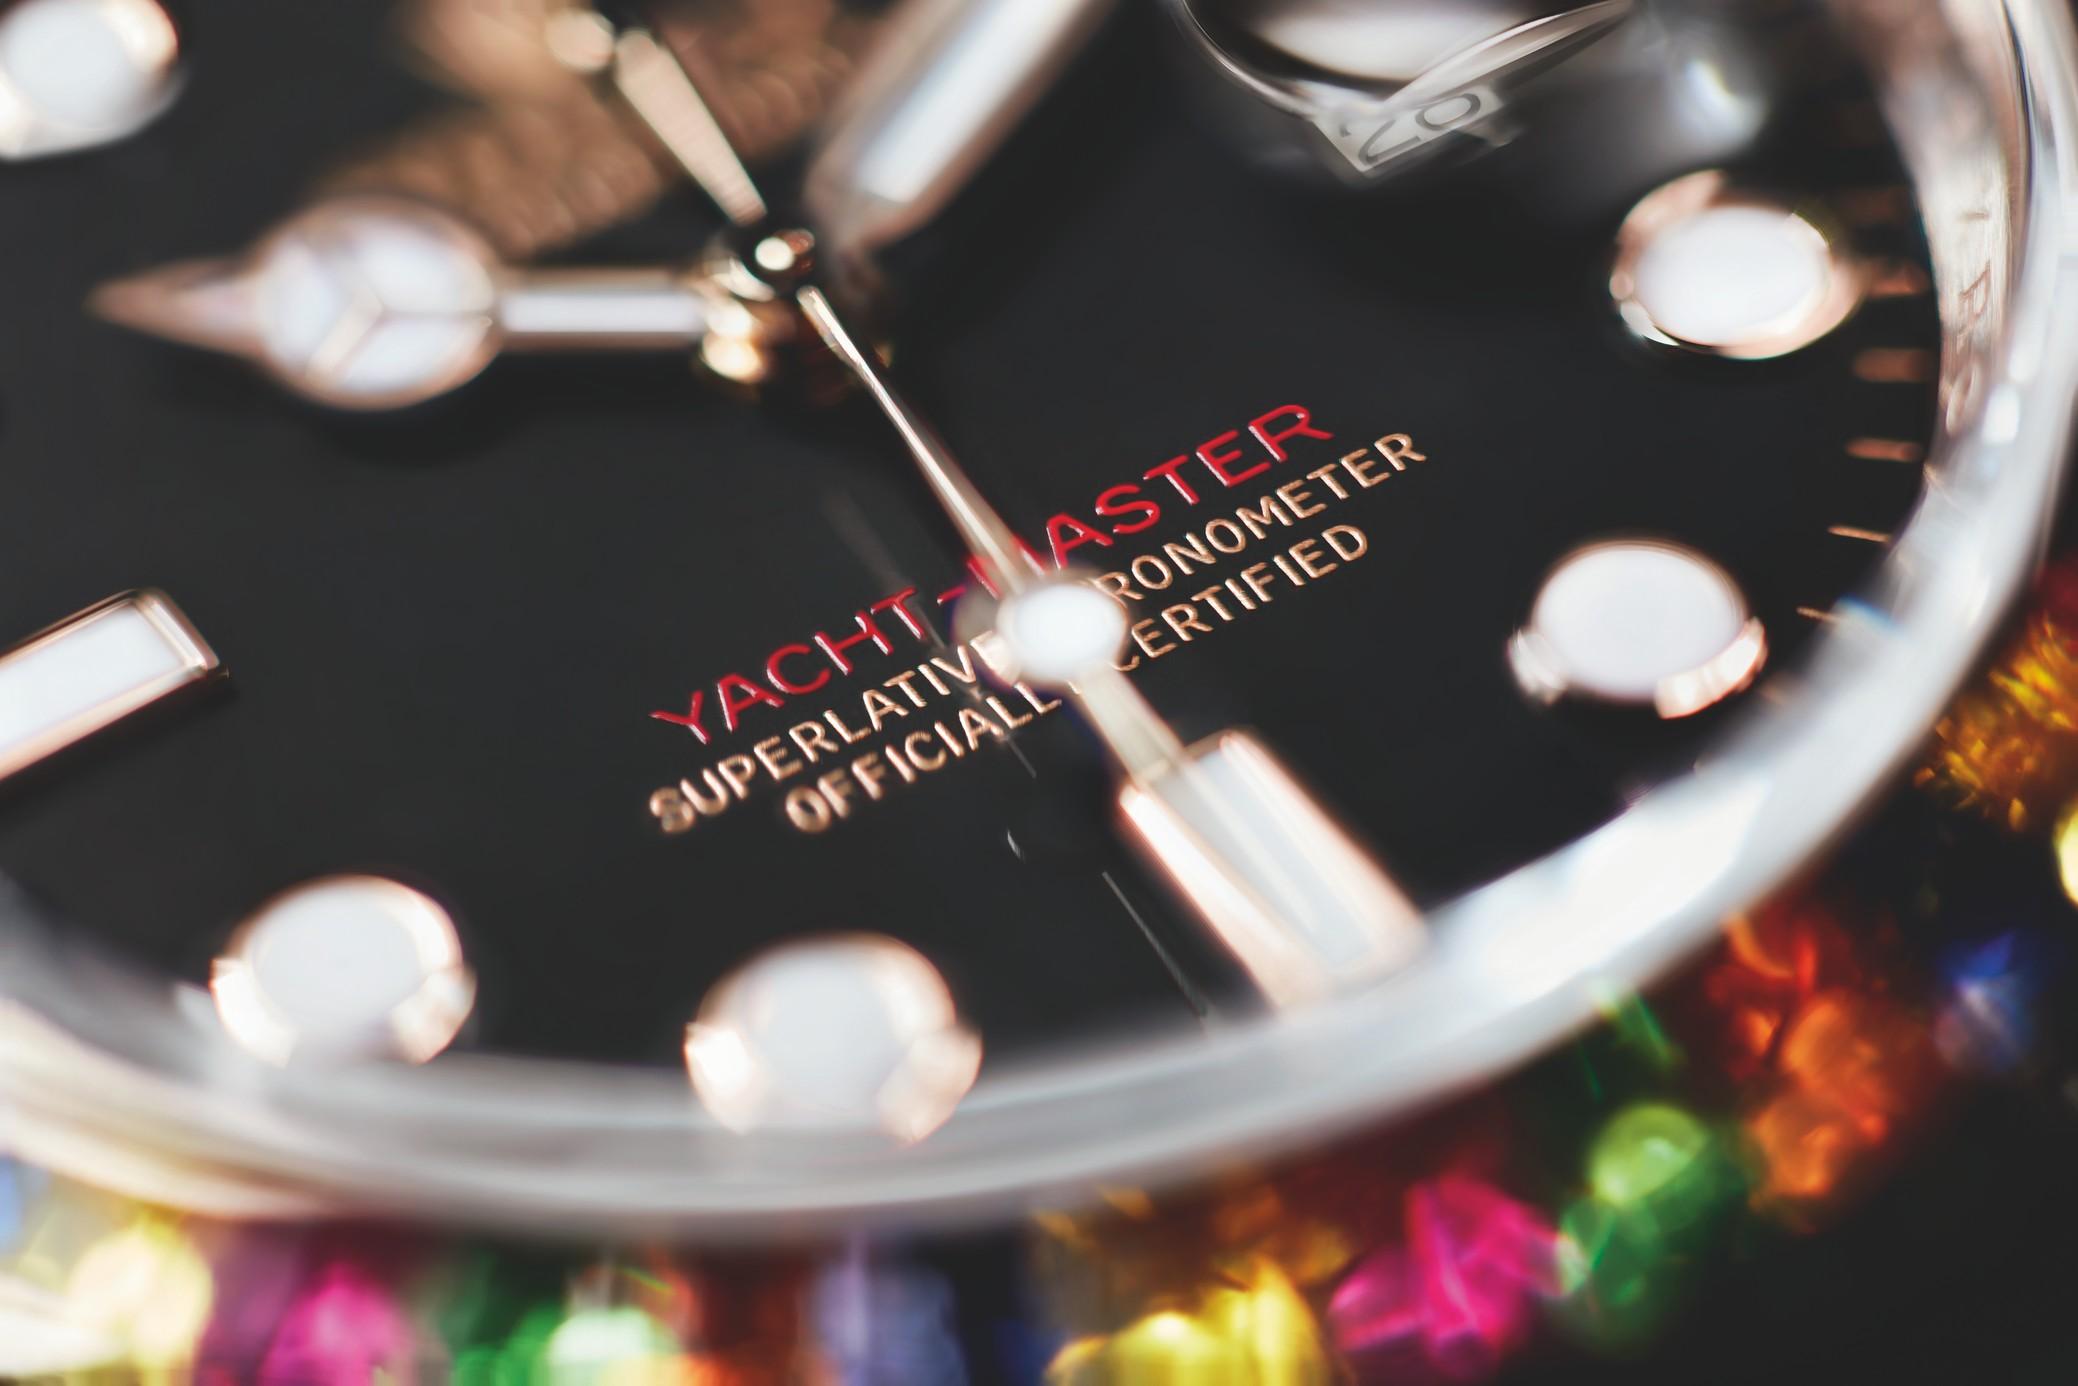 Selv om Rolex er et konservativt mærke, så kommer der trods alt nye modeller hvert år og de er naturligvis med i bogen. Foto: Rolex